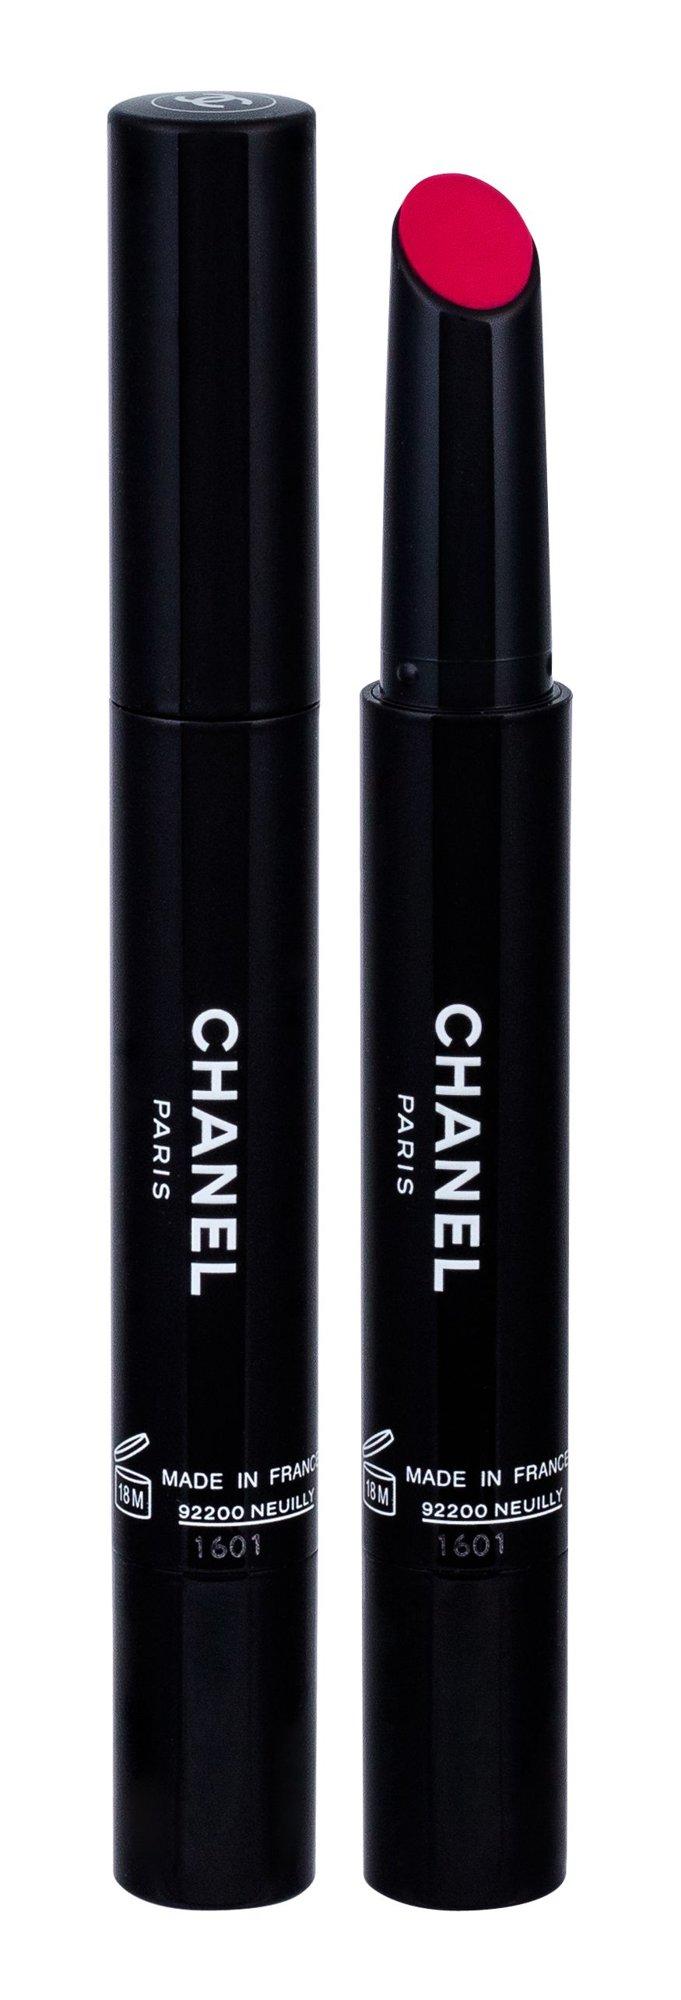 Chanel Rouge Coco Lipstick 2ml 208 Roman Stylo